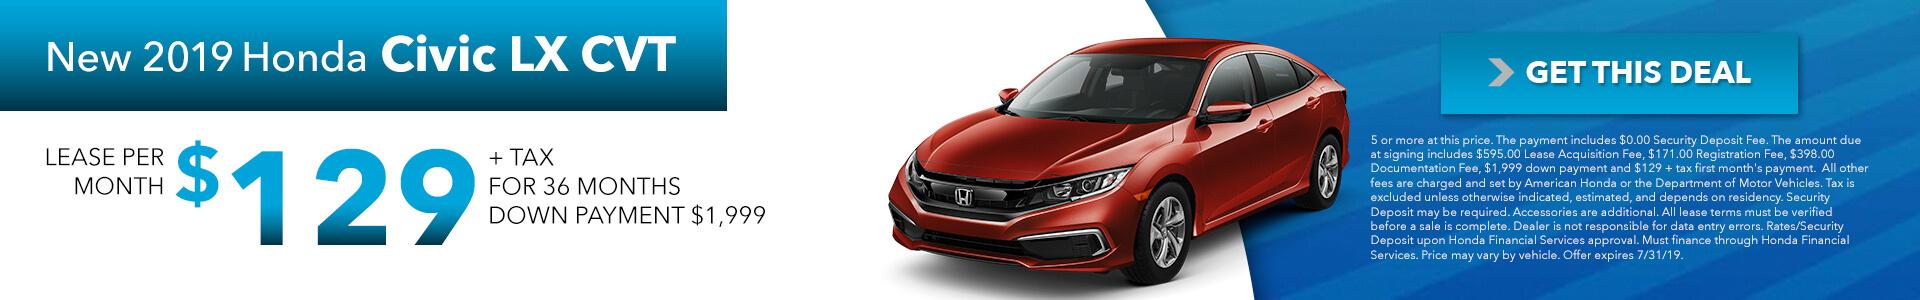 2019 Honda Civic 129 Per Month